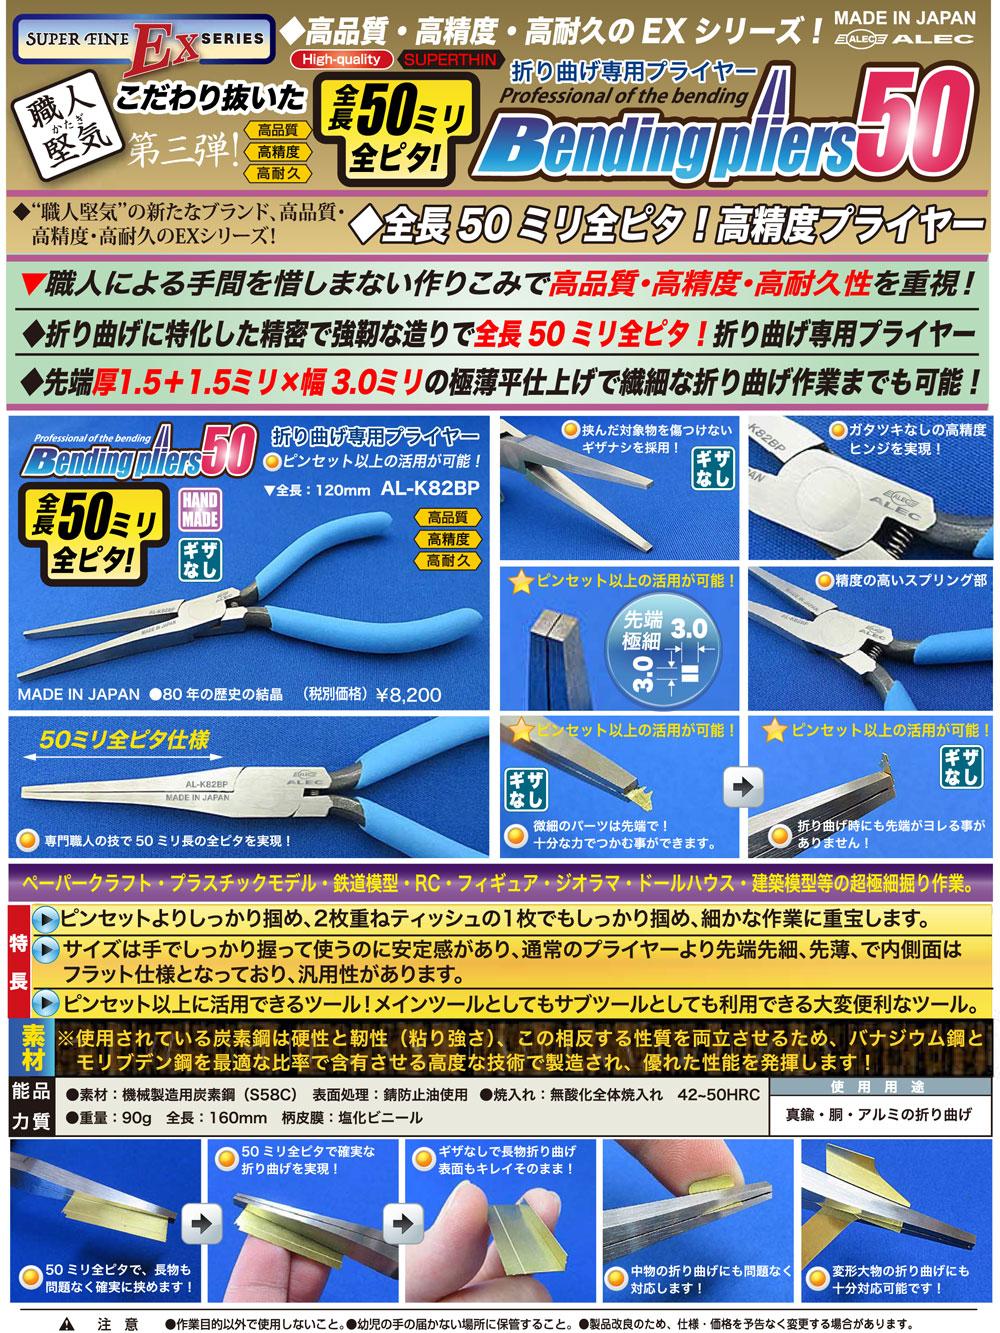 ベンディングプライヤー 50プライヤー(シモムラアレック職人堅気No.AL-K082BP)商品画像_2